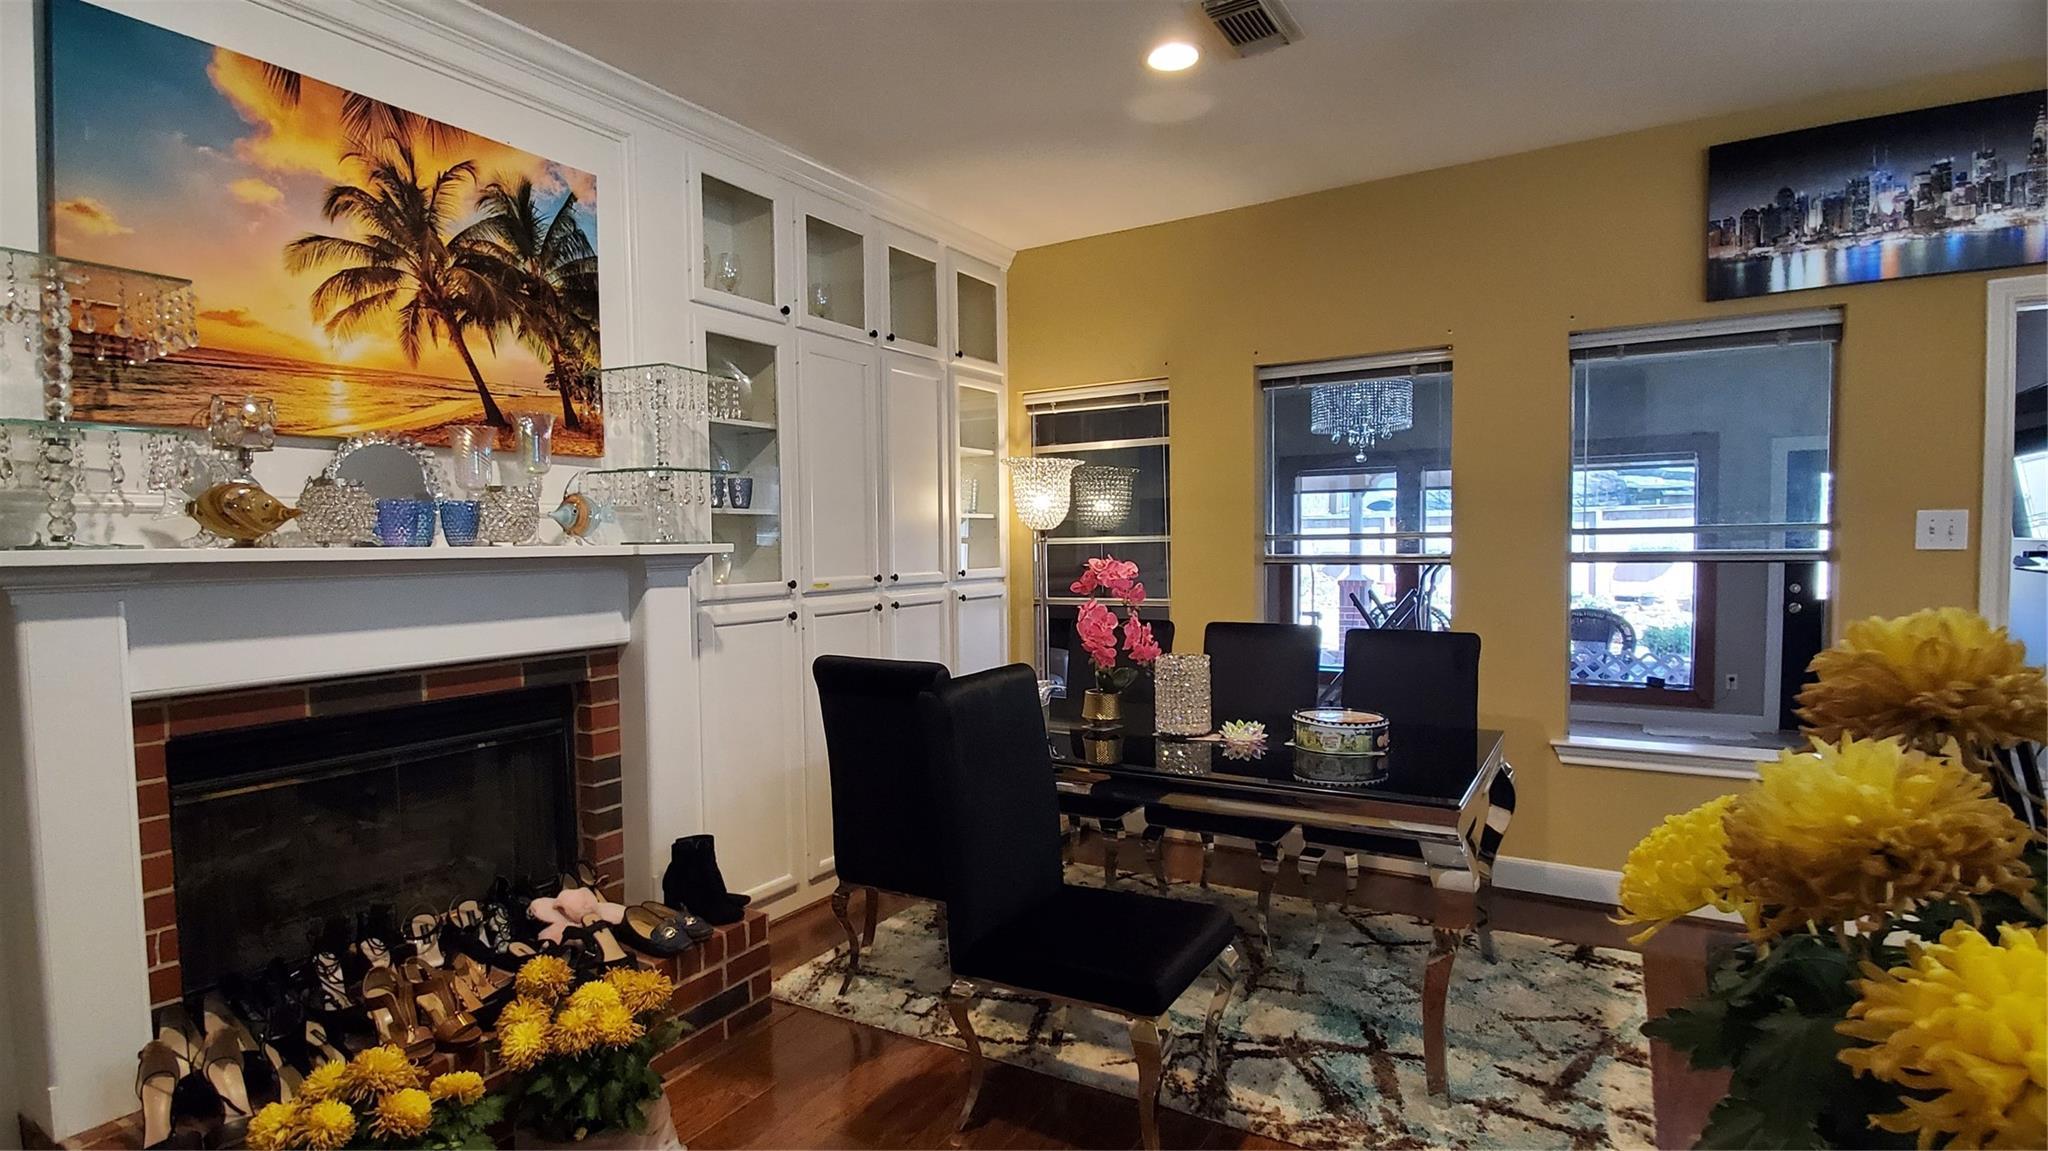 Altamira Sec 01 Real Estate Listings Main Image